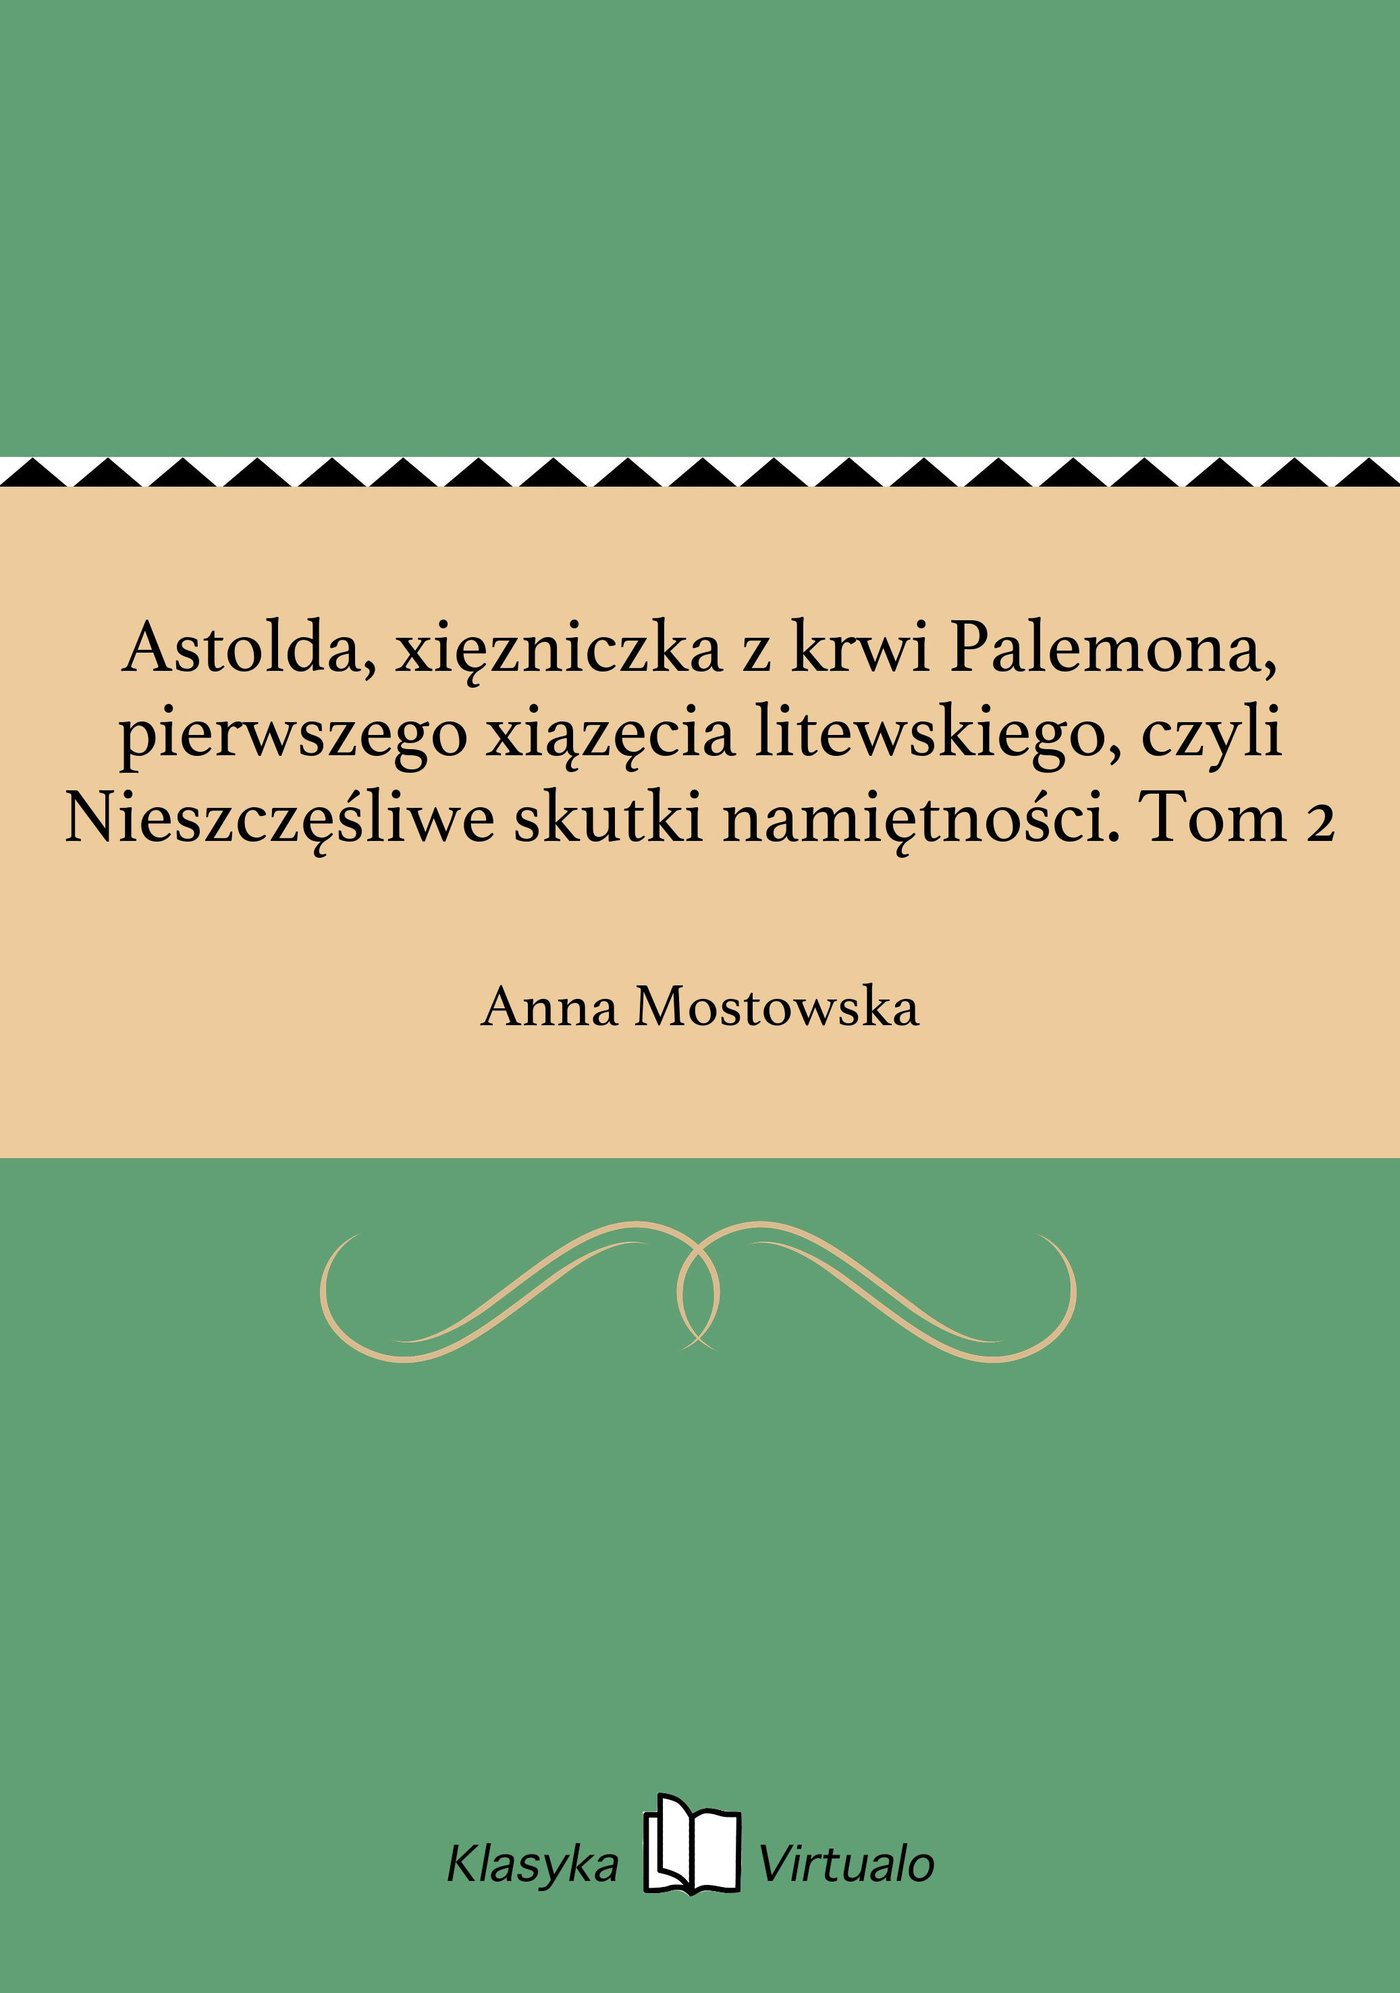 Astolda, xięzniczka z krwi Palemona, pierwszego xiązęcia litewskiego, czyli Nieszczęśliwe skutki namiętności. Tom 2 - Ebook (Książka EPUB) do pobrania w formacie EPUB